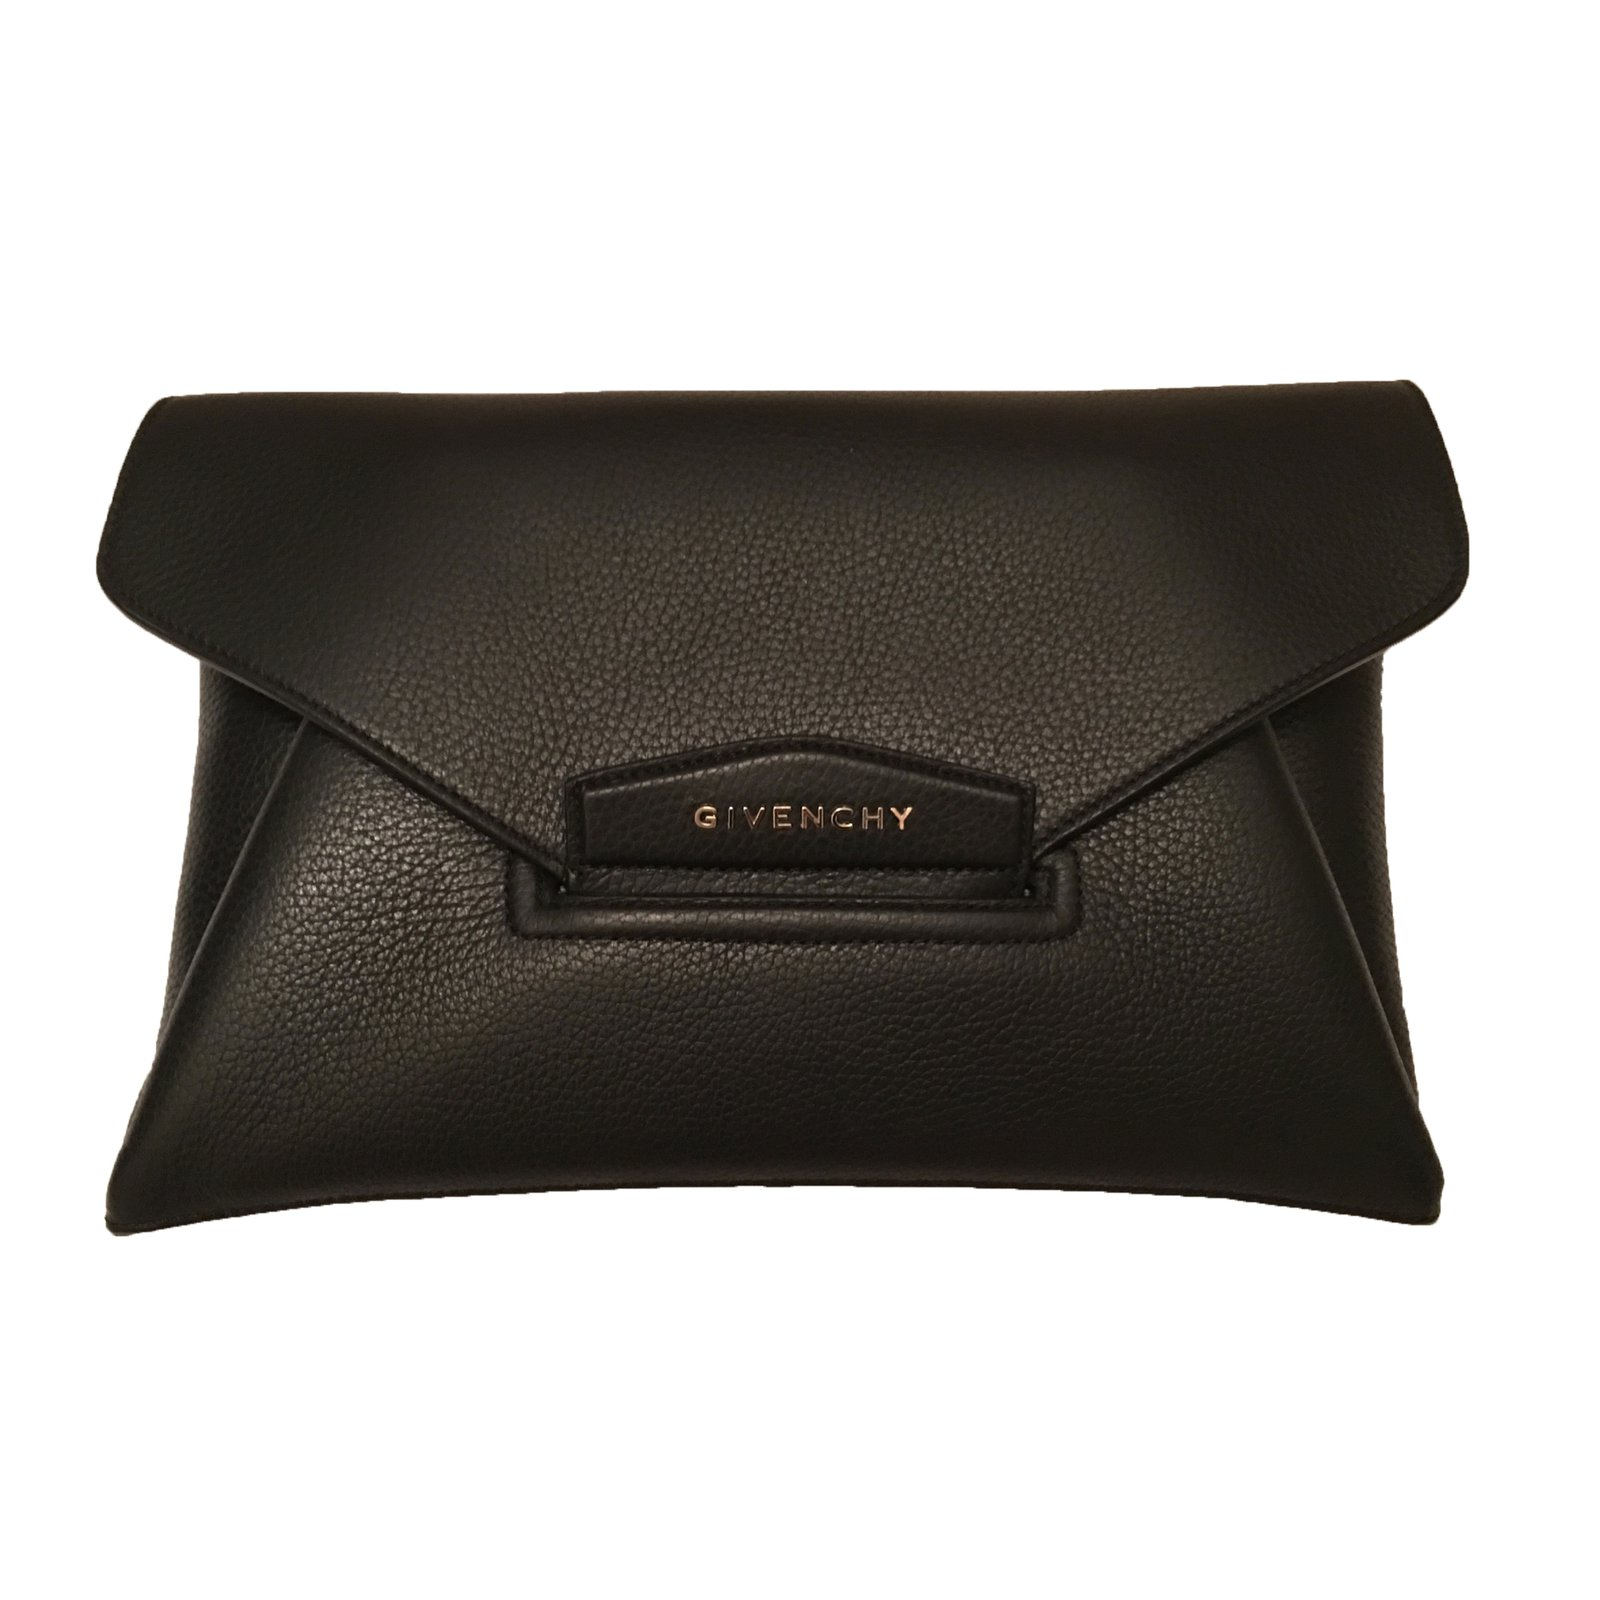 Givenchy Pochette Antigona lJpq7nc85